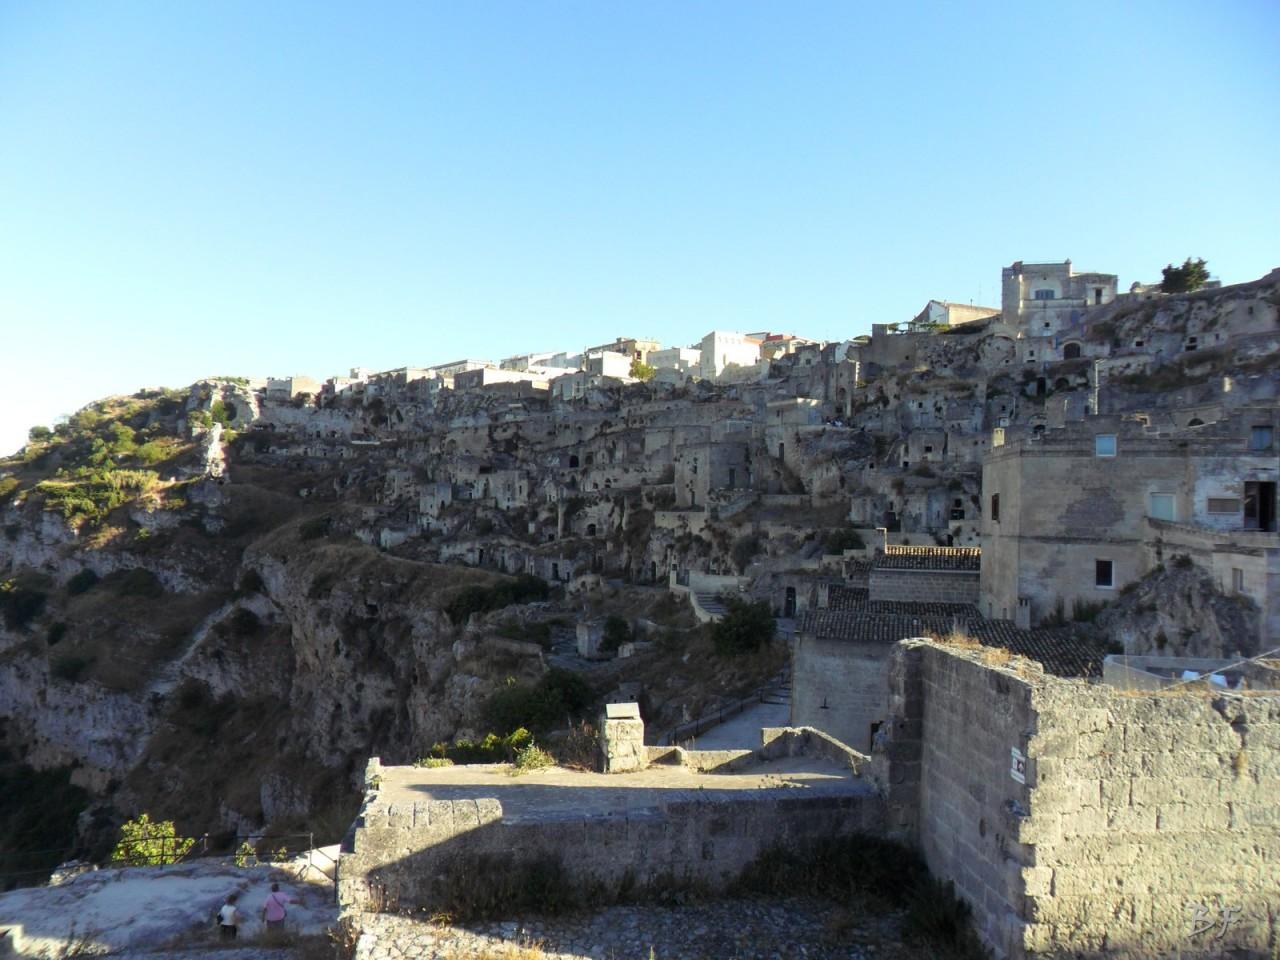 Sasso-Caveoso-Edifici-Rupestri-Megaliti-Sassi-di-Matera-basilicata-Italia-31